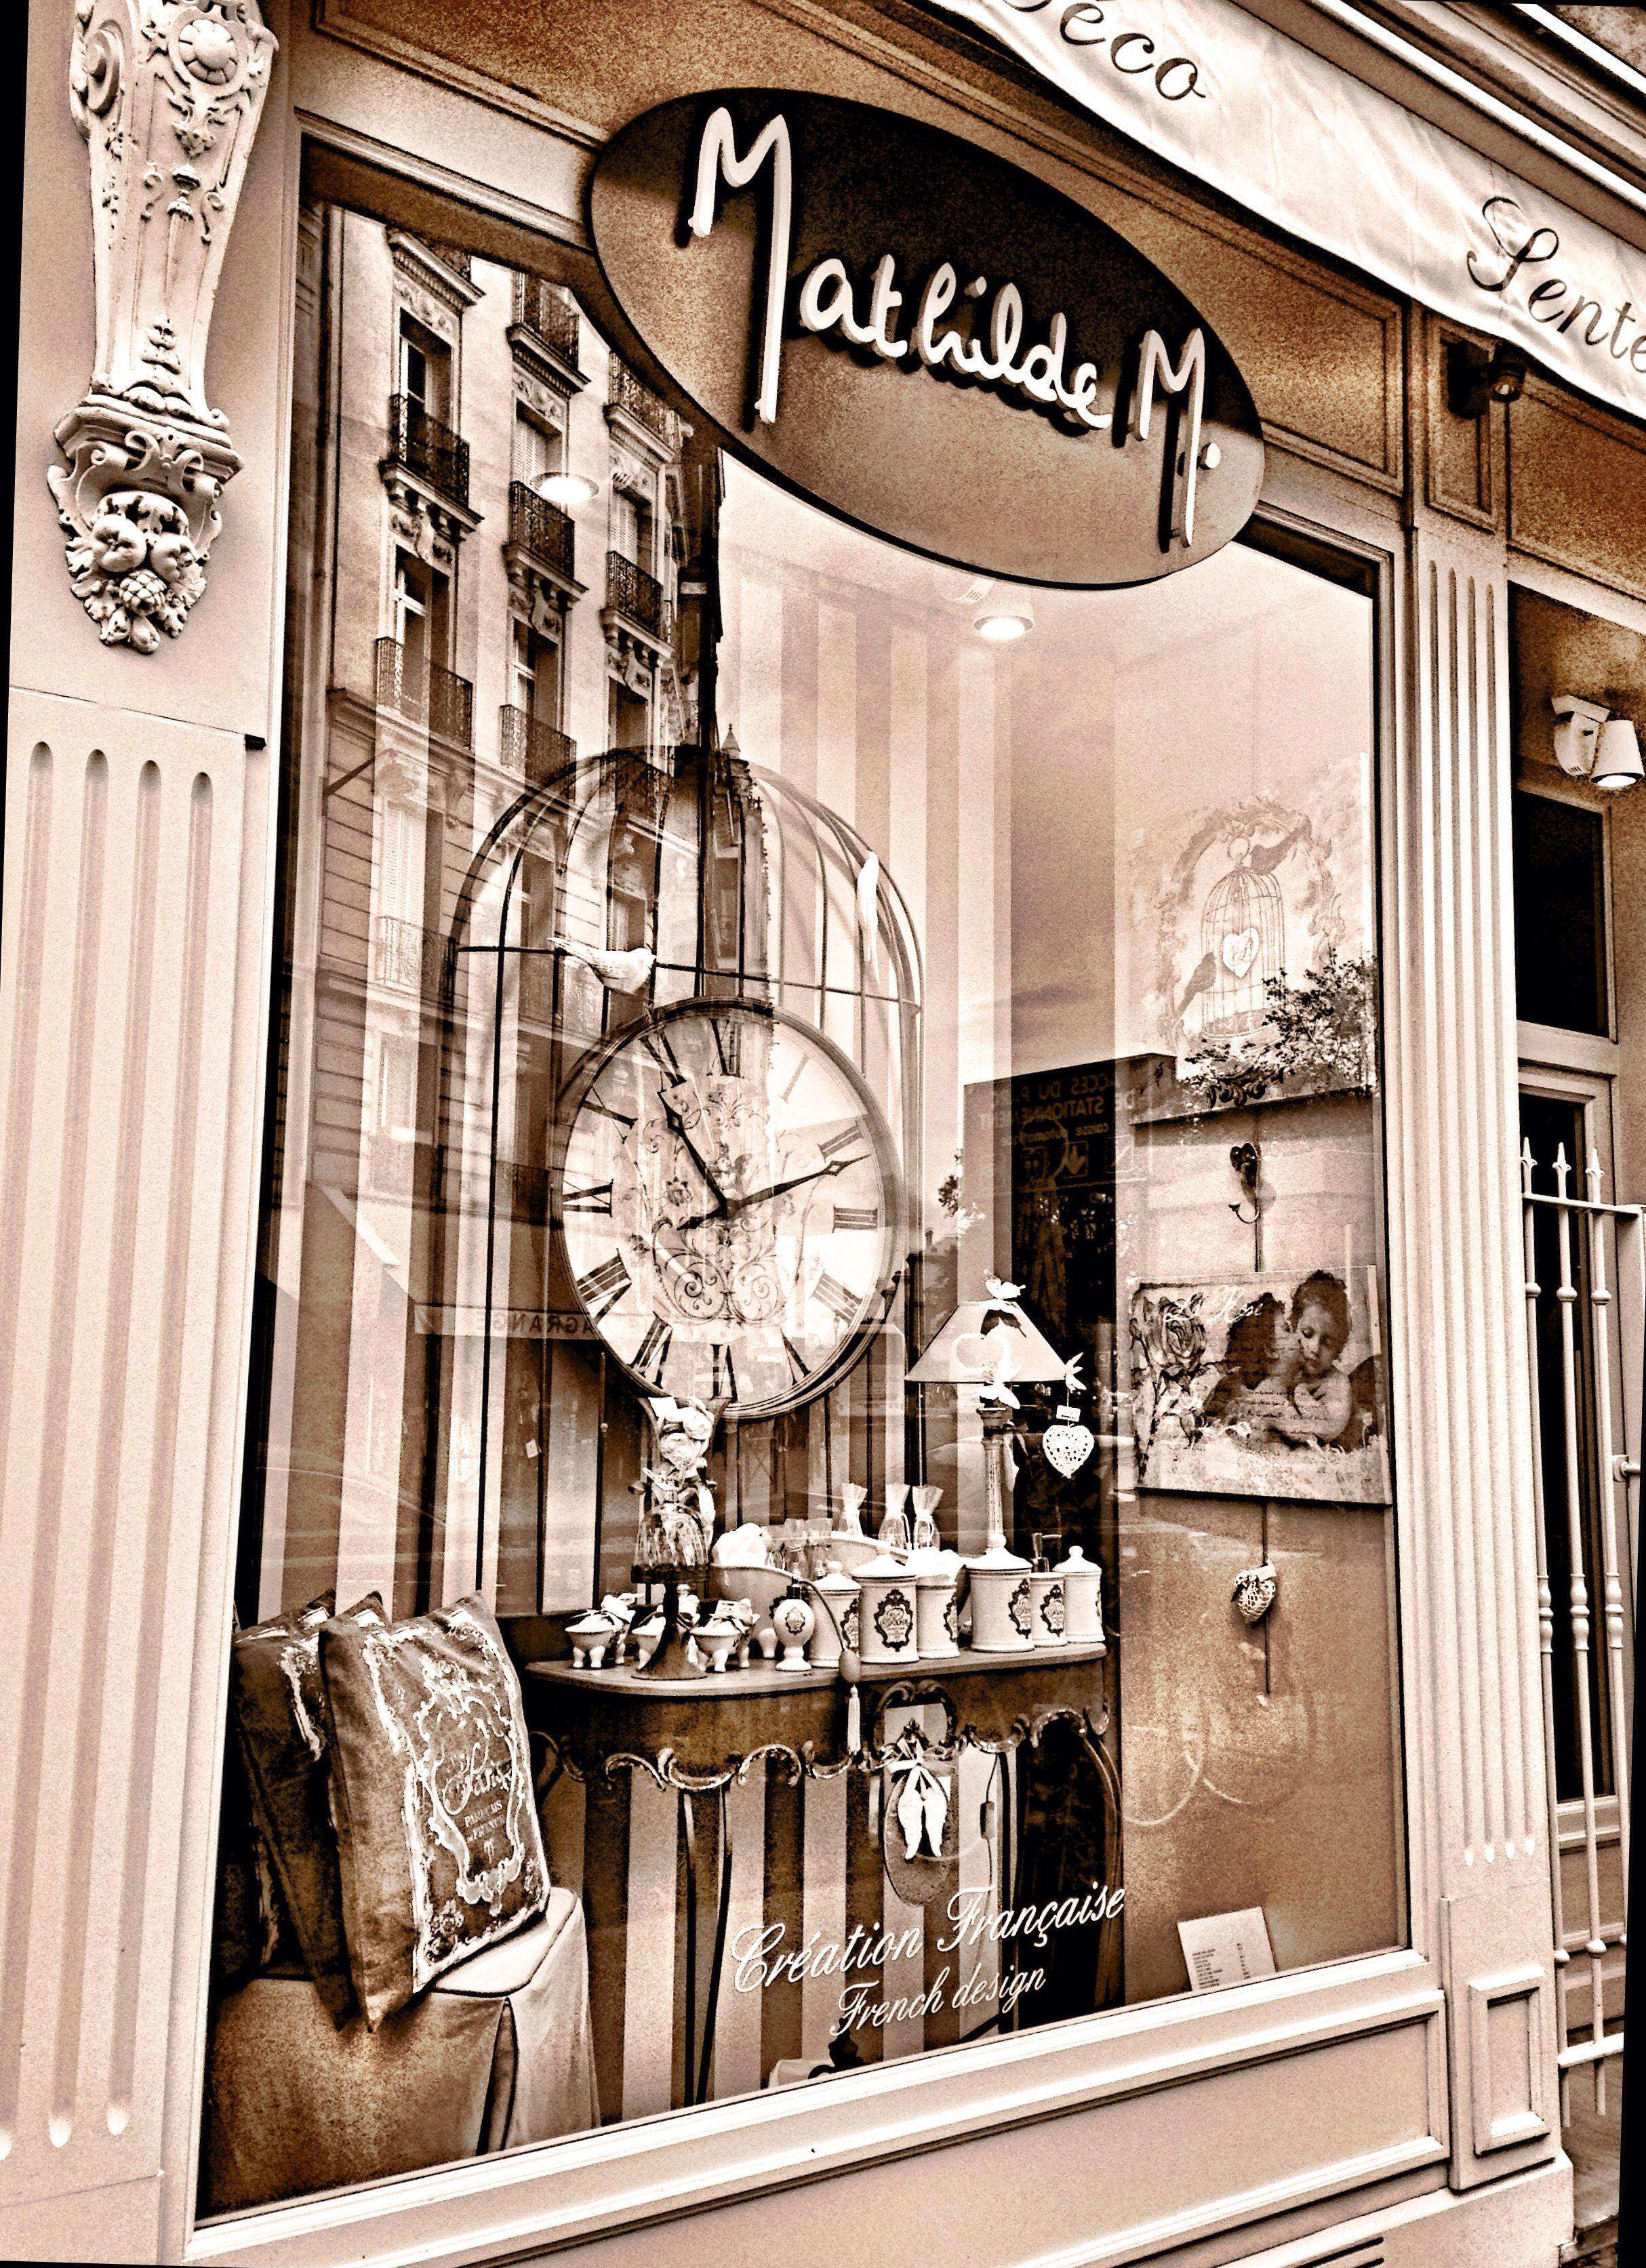 storefront photography mathilde m boutique paris france paris pinterest paris. Black Bedroom Furniture Sets. Home Design Ideas